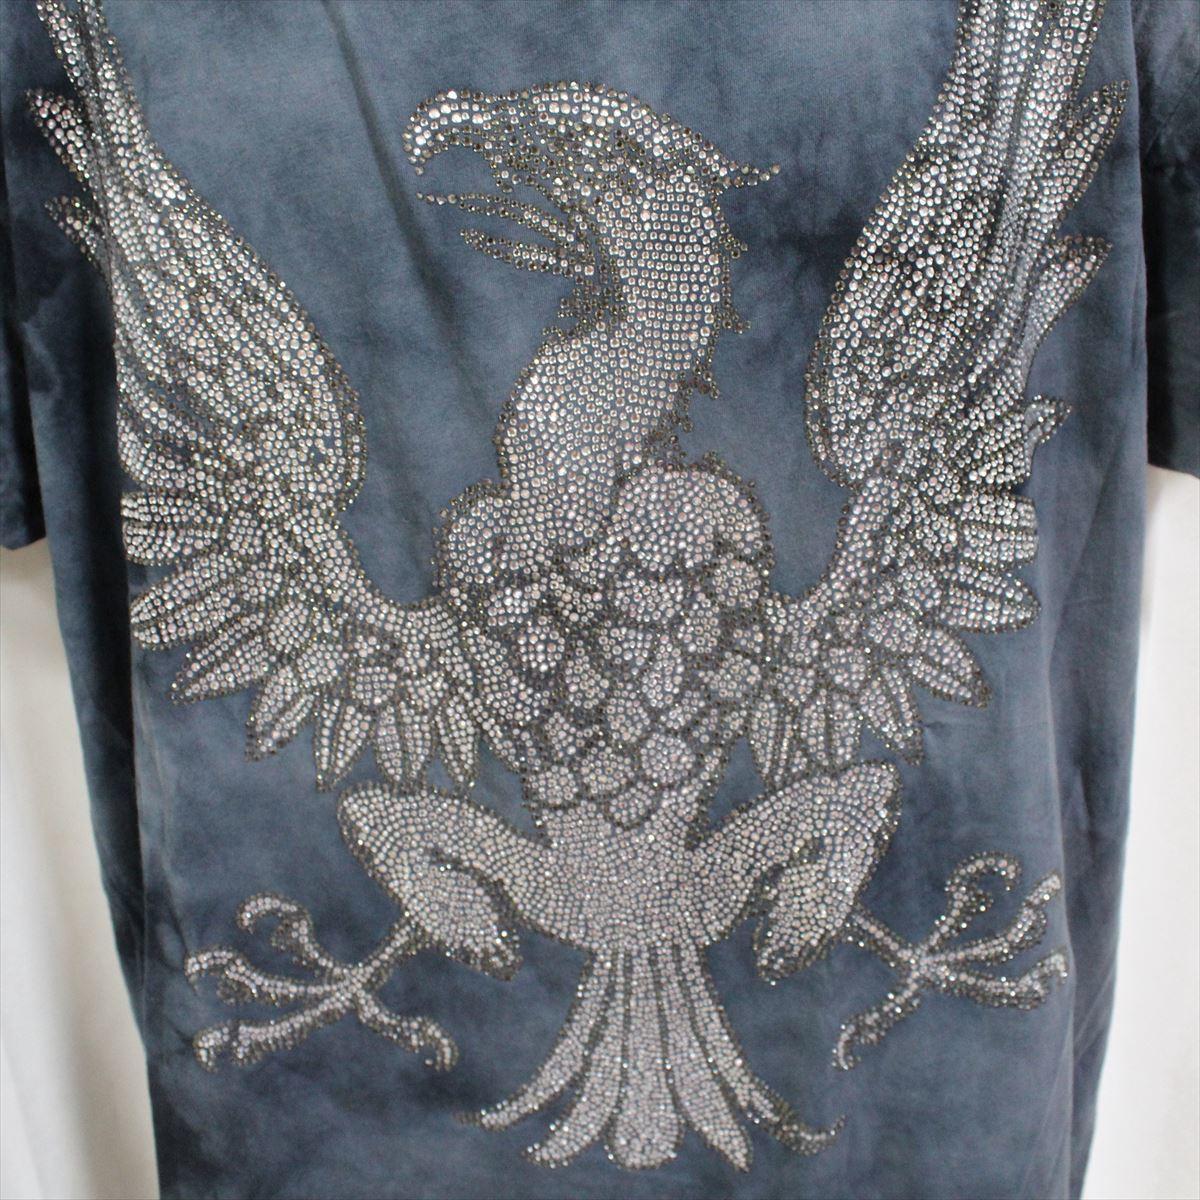 アイコニック Iconic Couture メンズ半袖Tシャツ ネイビー 新品 紺 アメリカ製_画像2